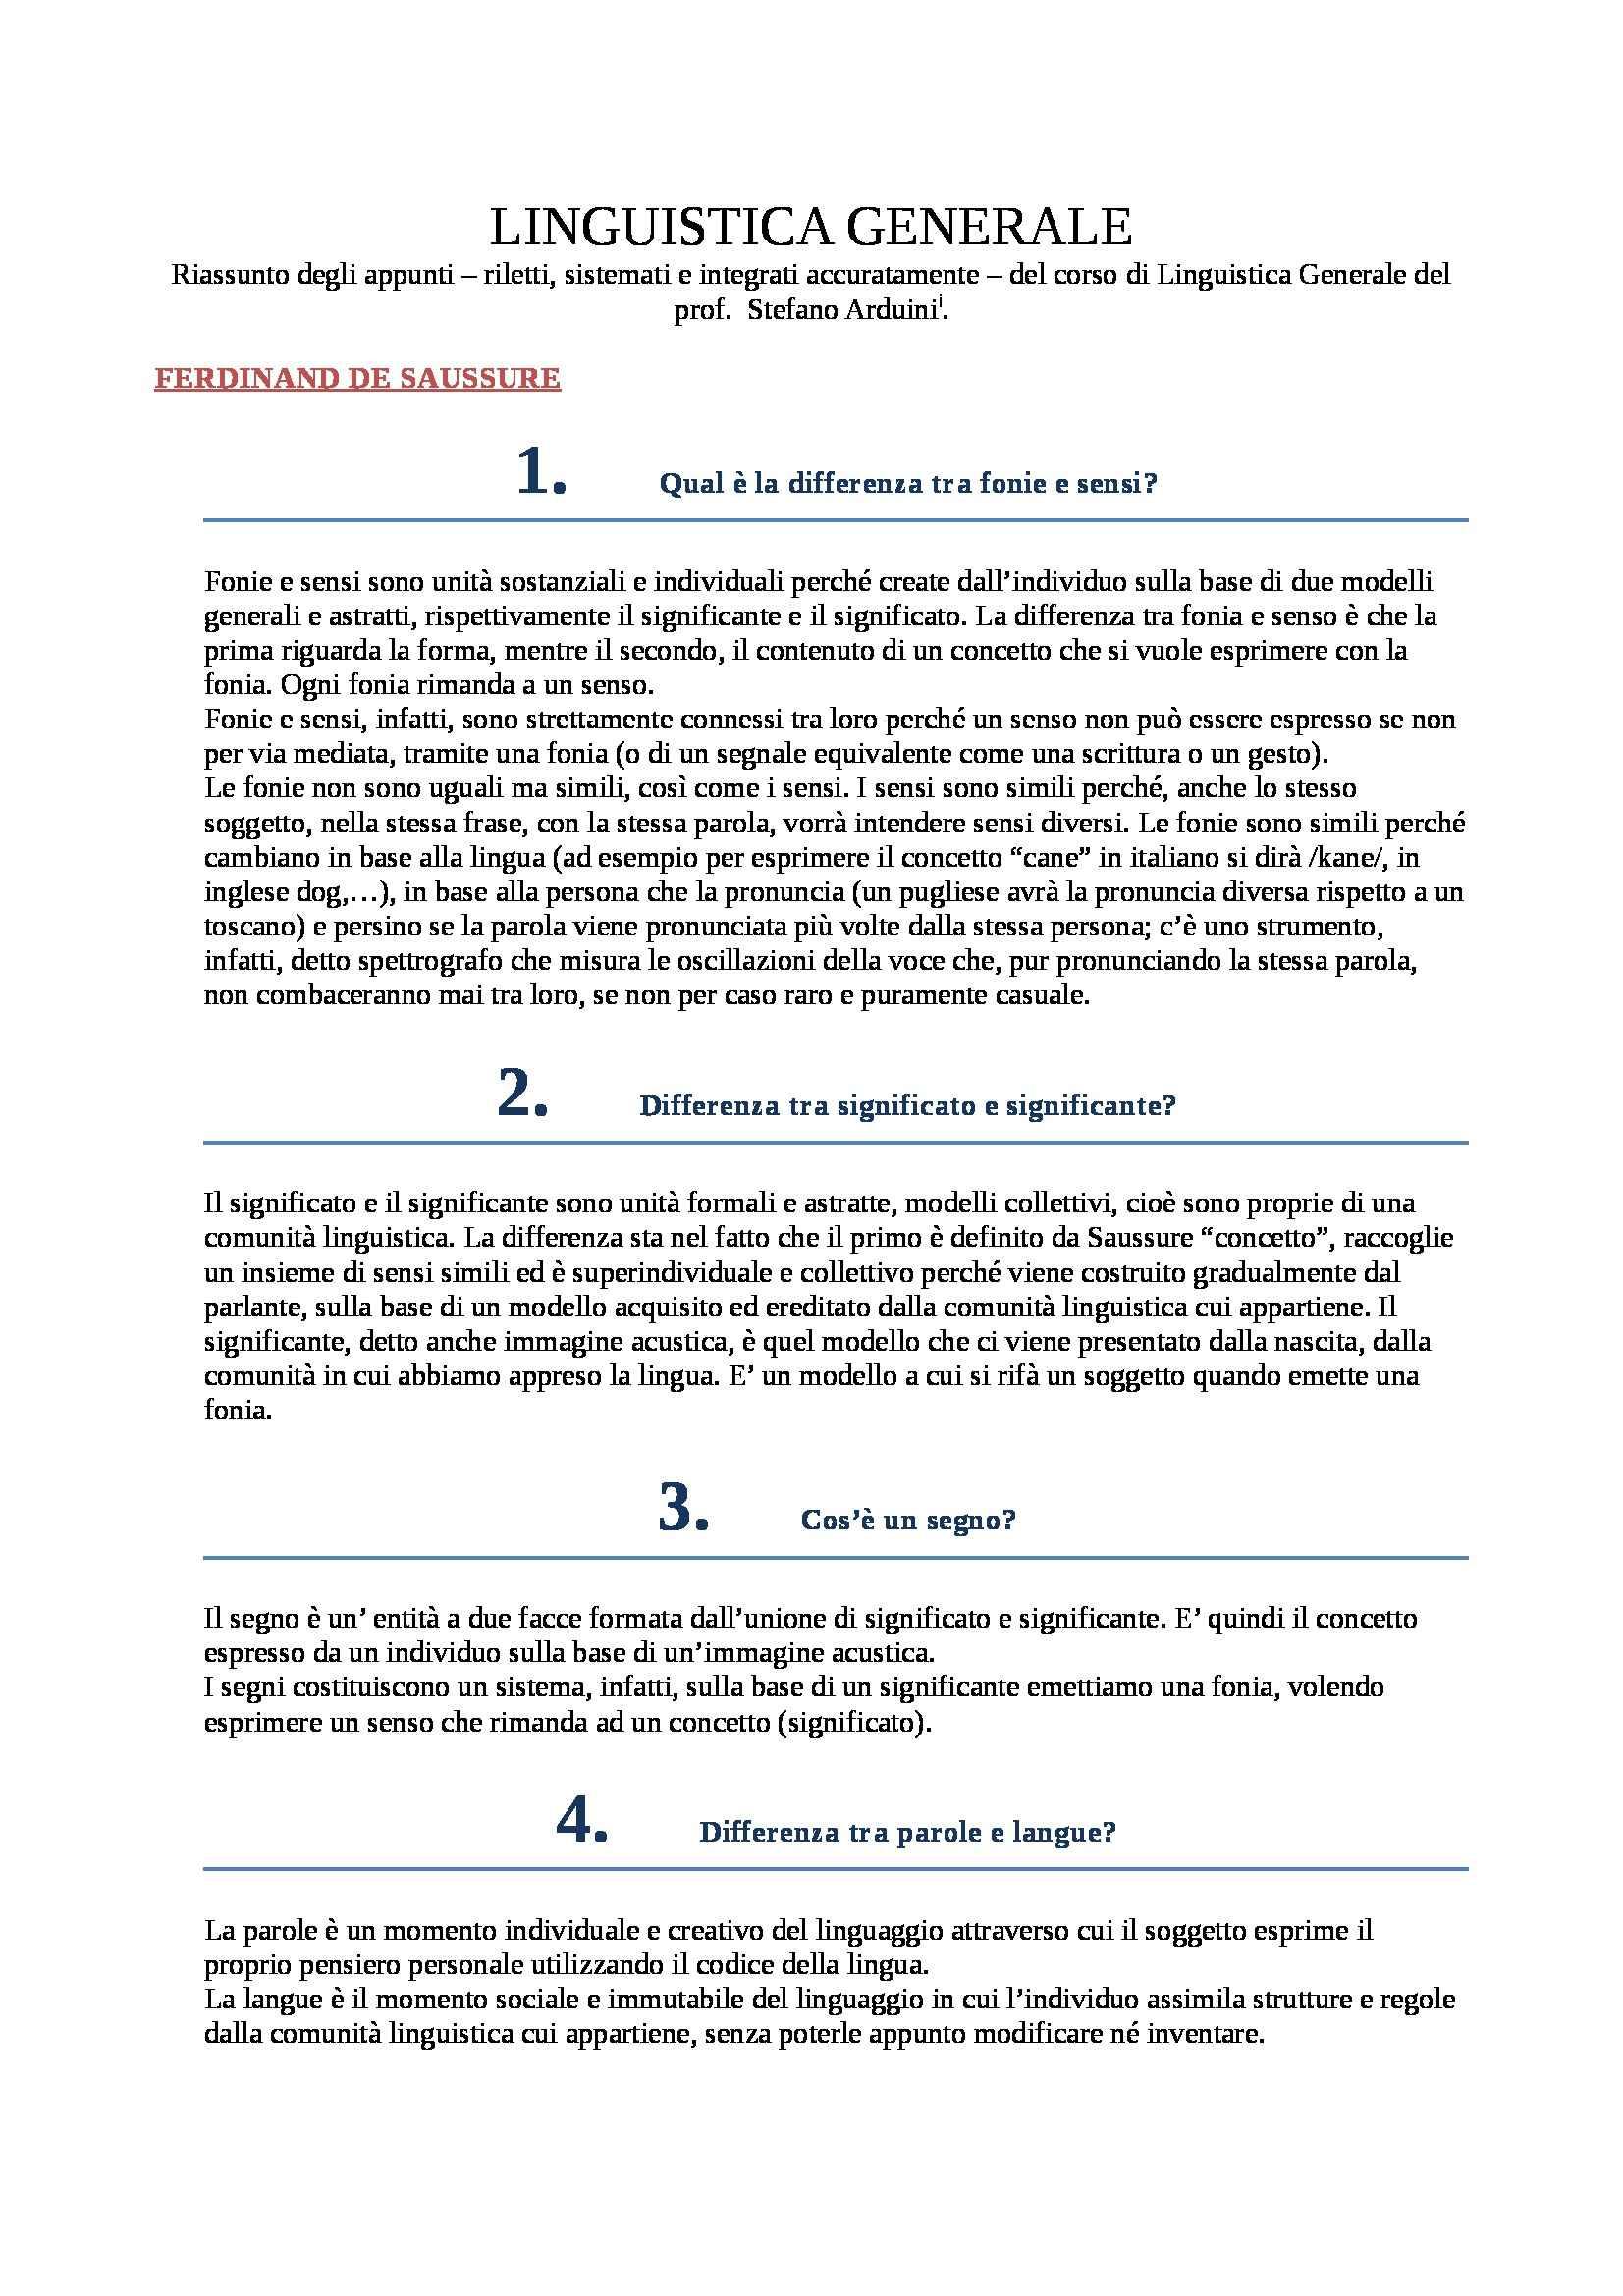 Linguistica generale - Appunti